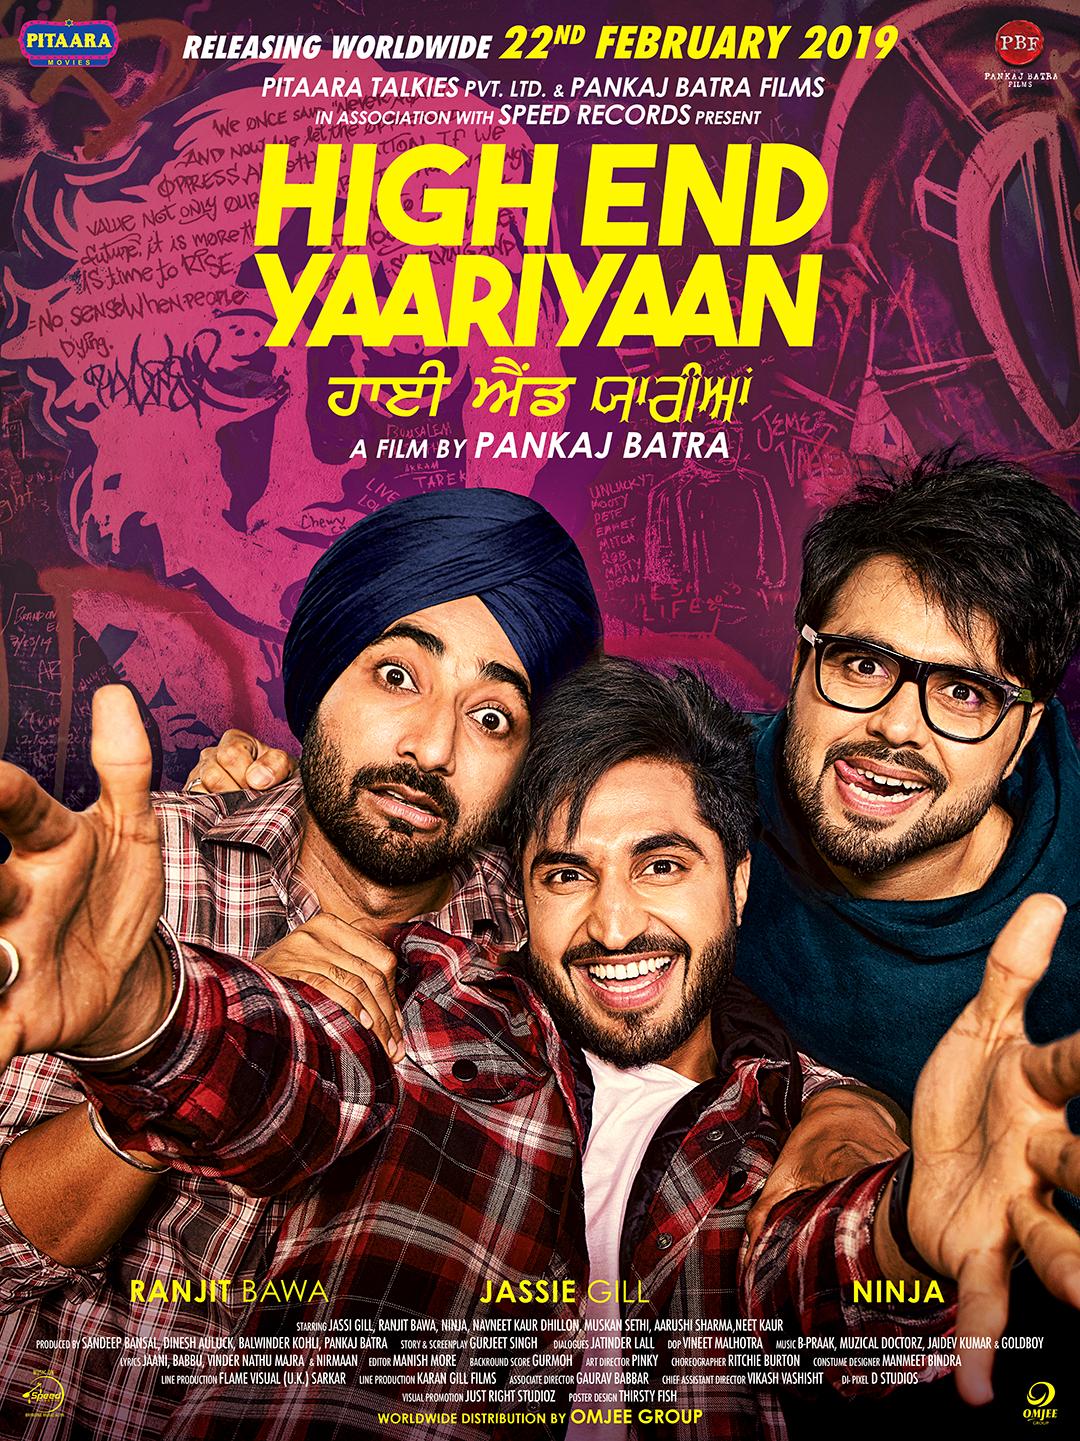 High End Yaariyaan (2019) - IMDb